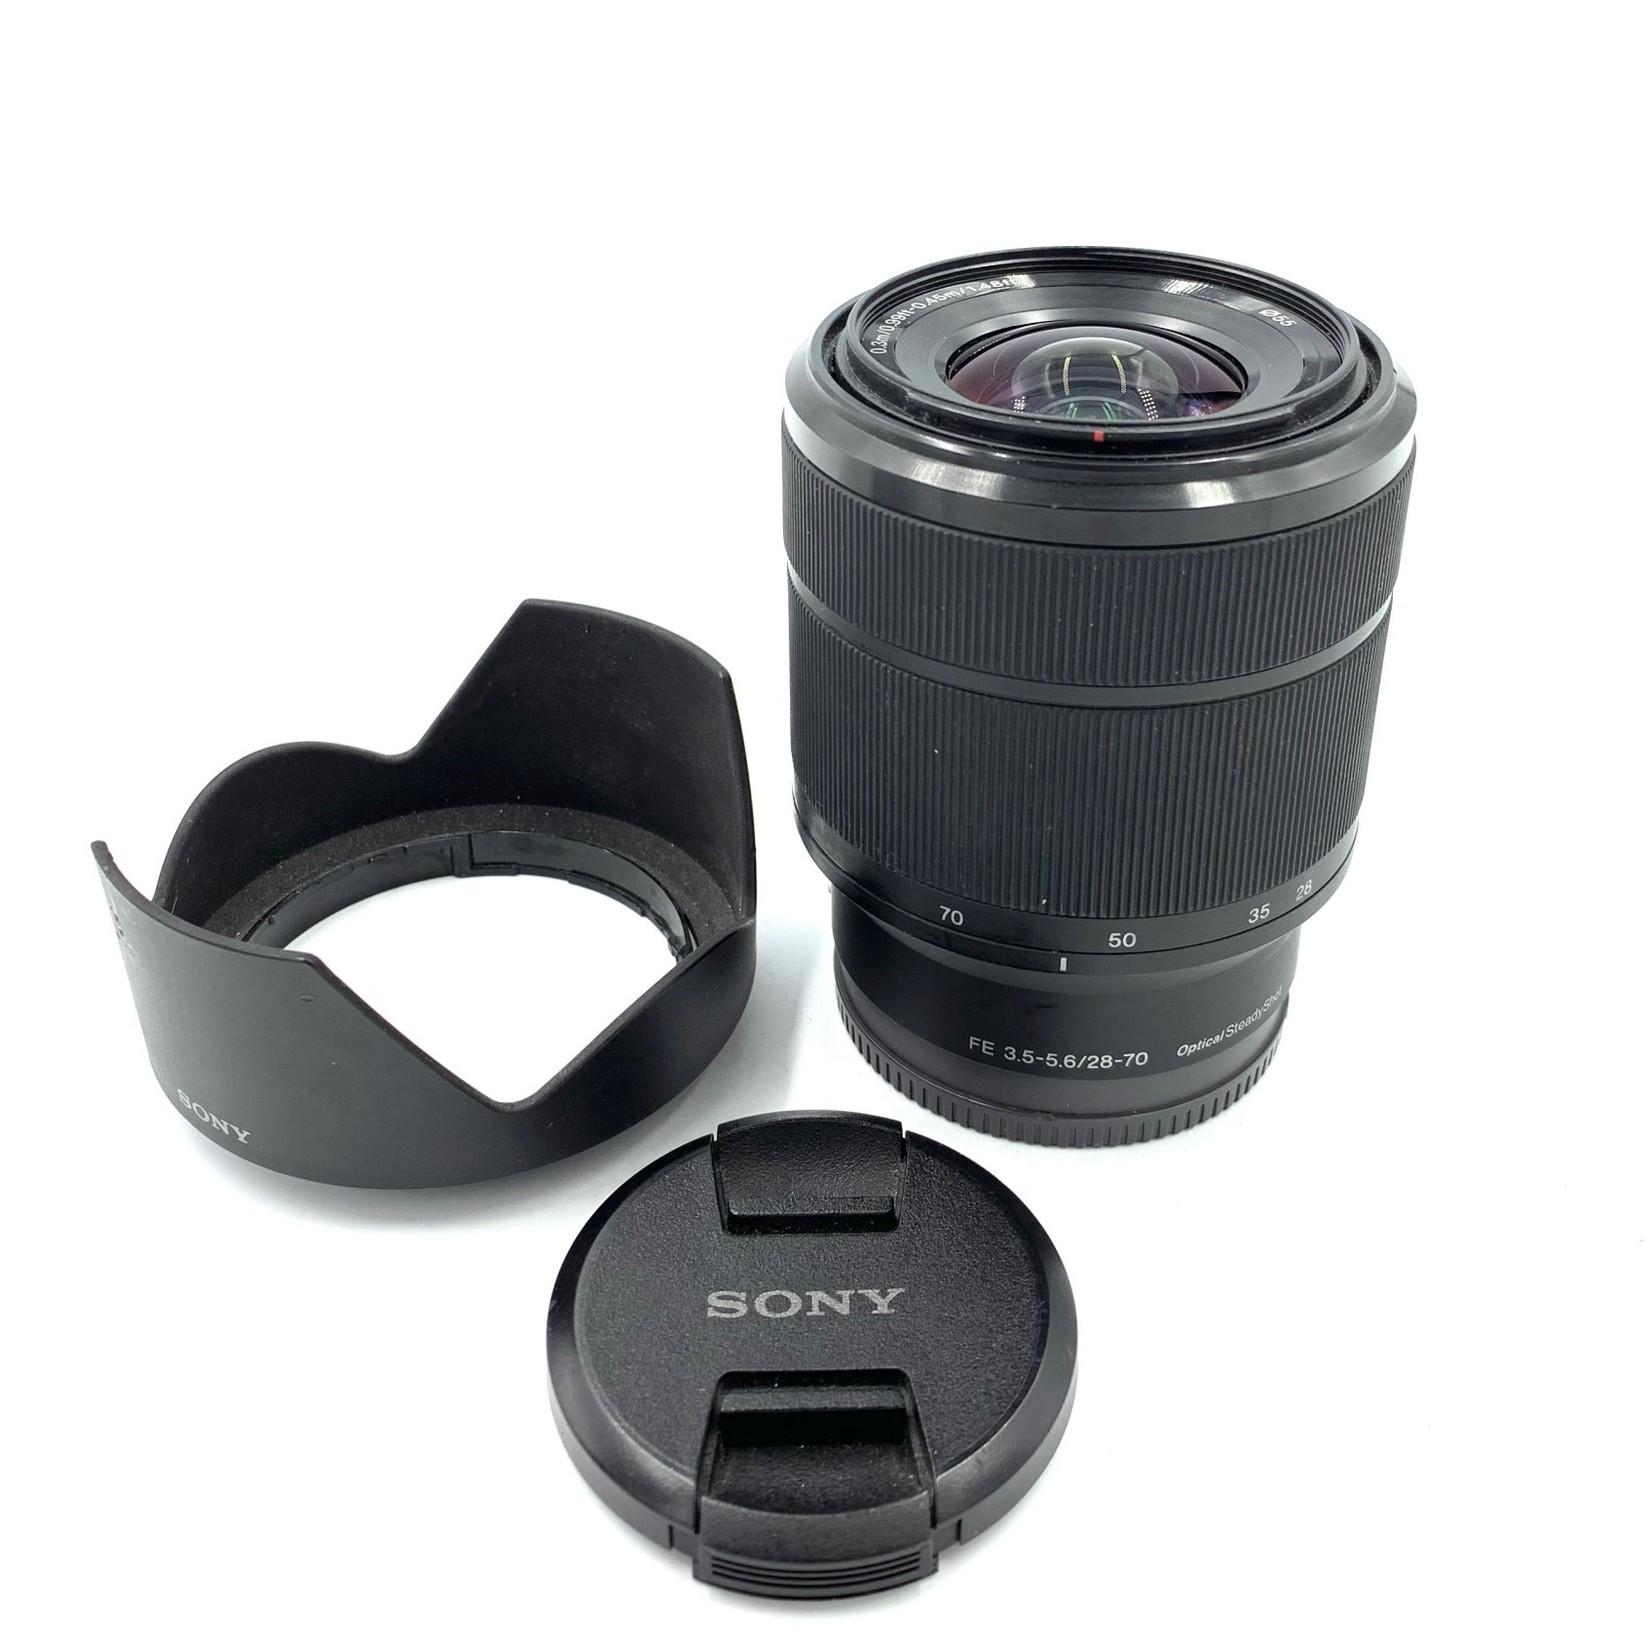 Sony USED Sony FE 28-70mm f/3.5-5.6 Lens